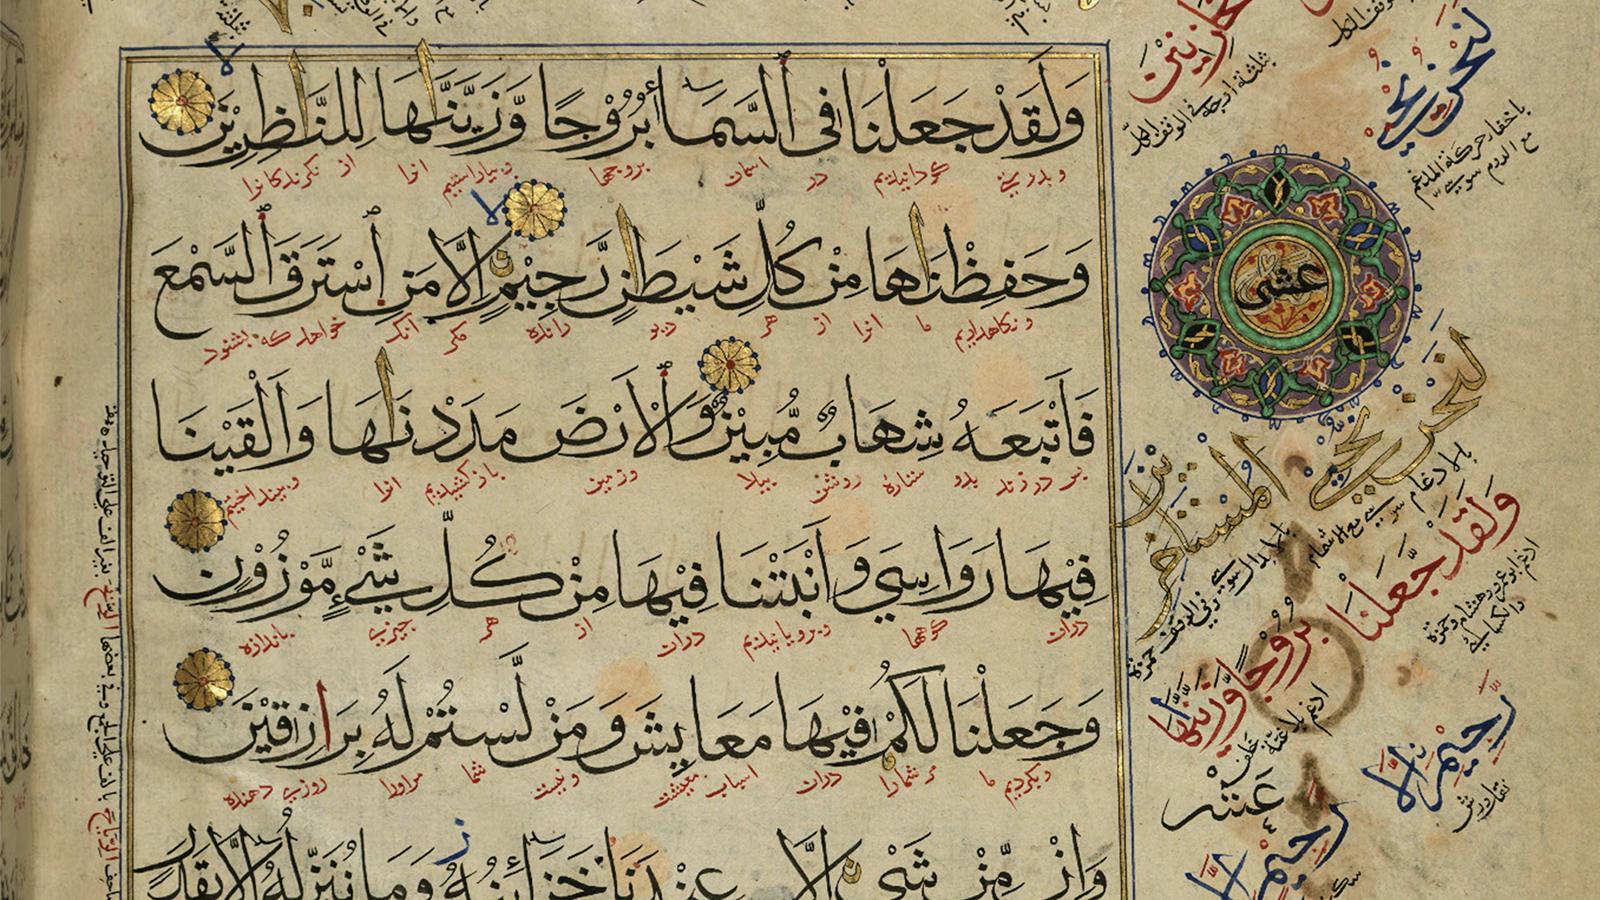 يهودي يكتب القرآن ومسيحي ينسخ تفسير الطبري ومؤلفات بخطوط نسائية.. الوراقون وصناعة الكتاب في الحضارة الإسلامية 22e5b515-99af-4a31-9380-7f76bbbfa434